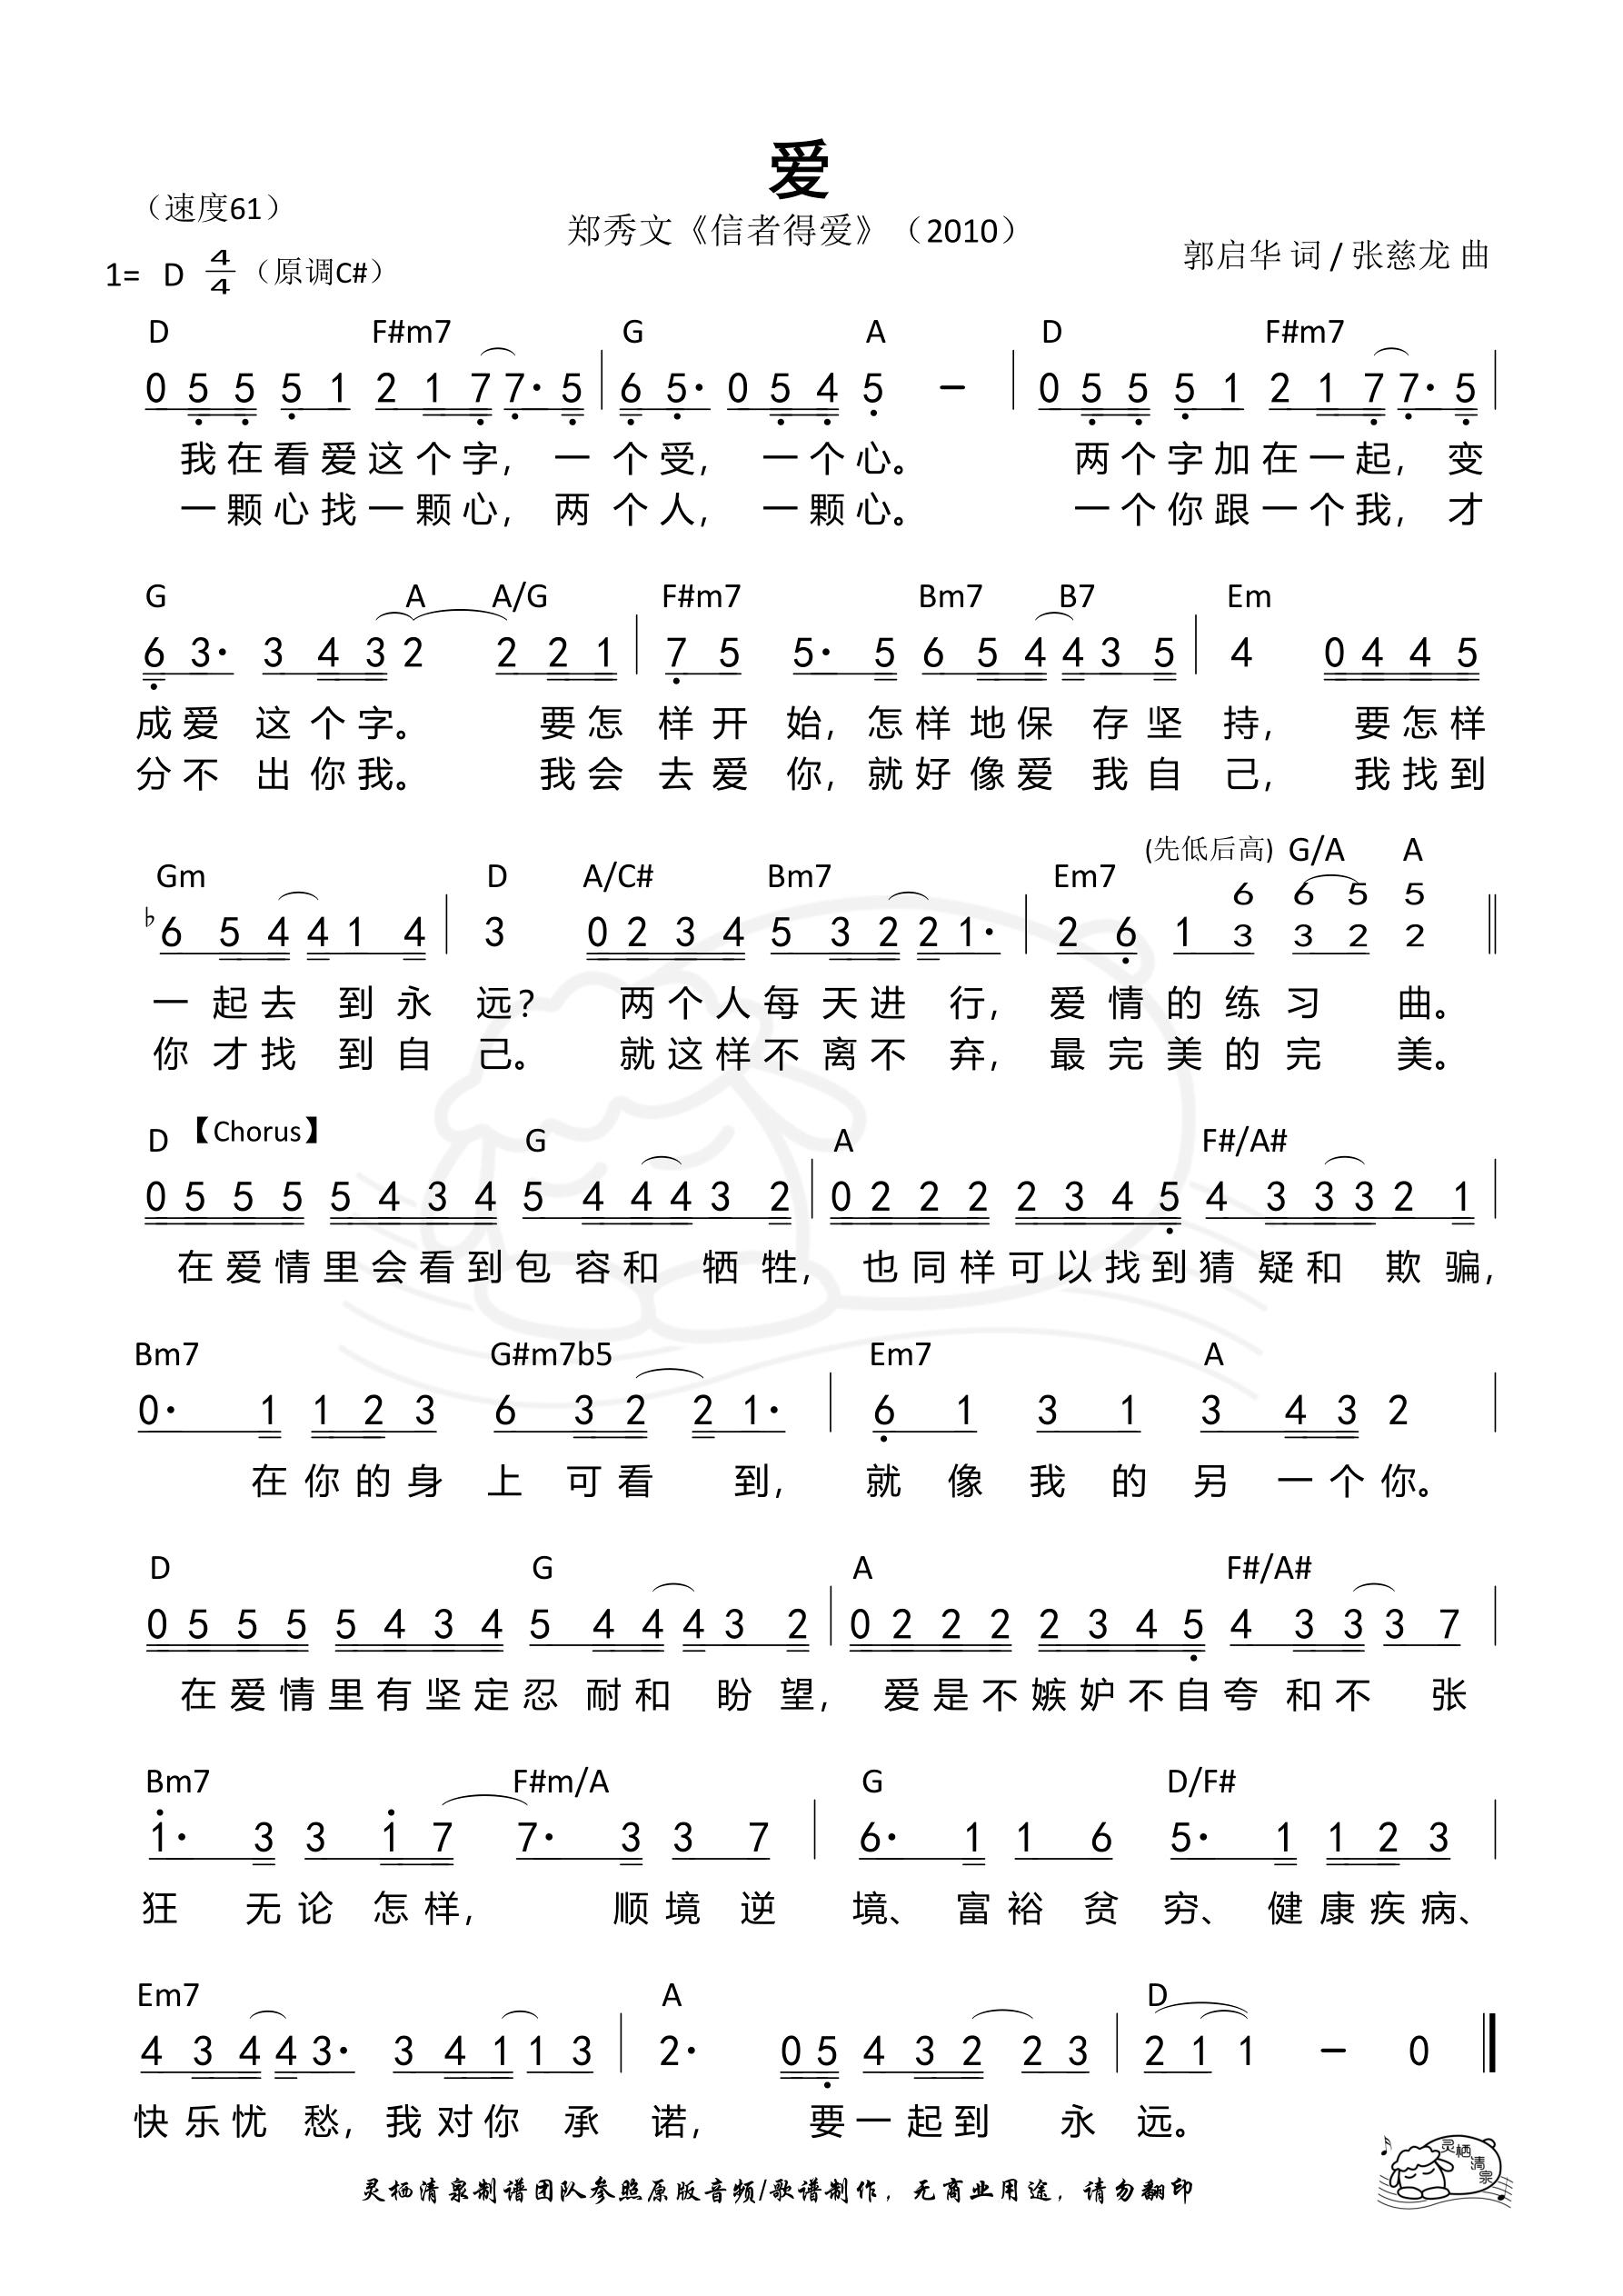 《第140首 - 爱(郑秀文) 和弦简谱》